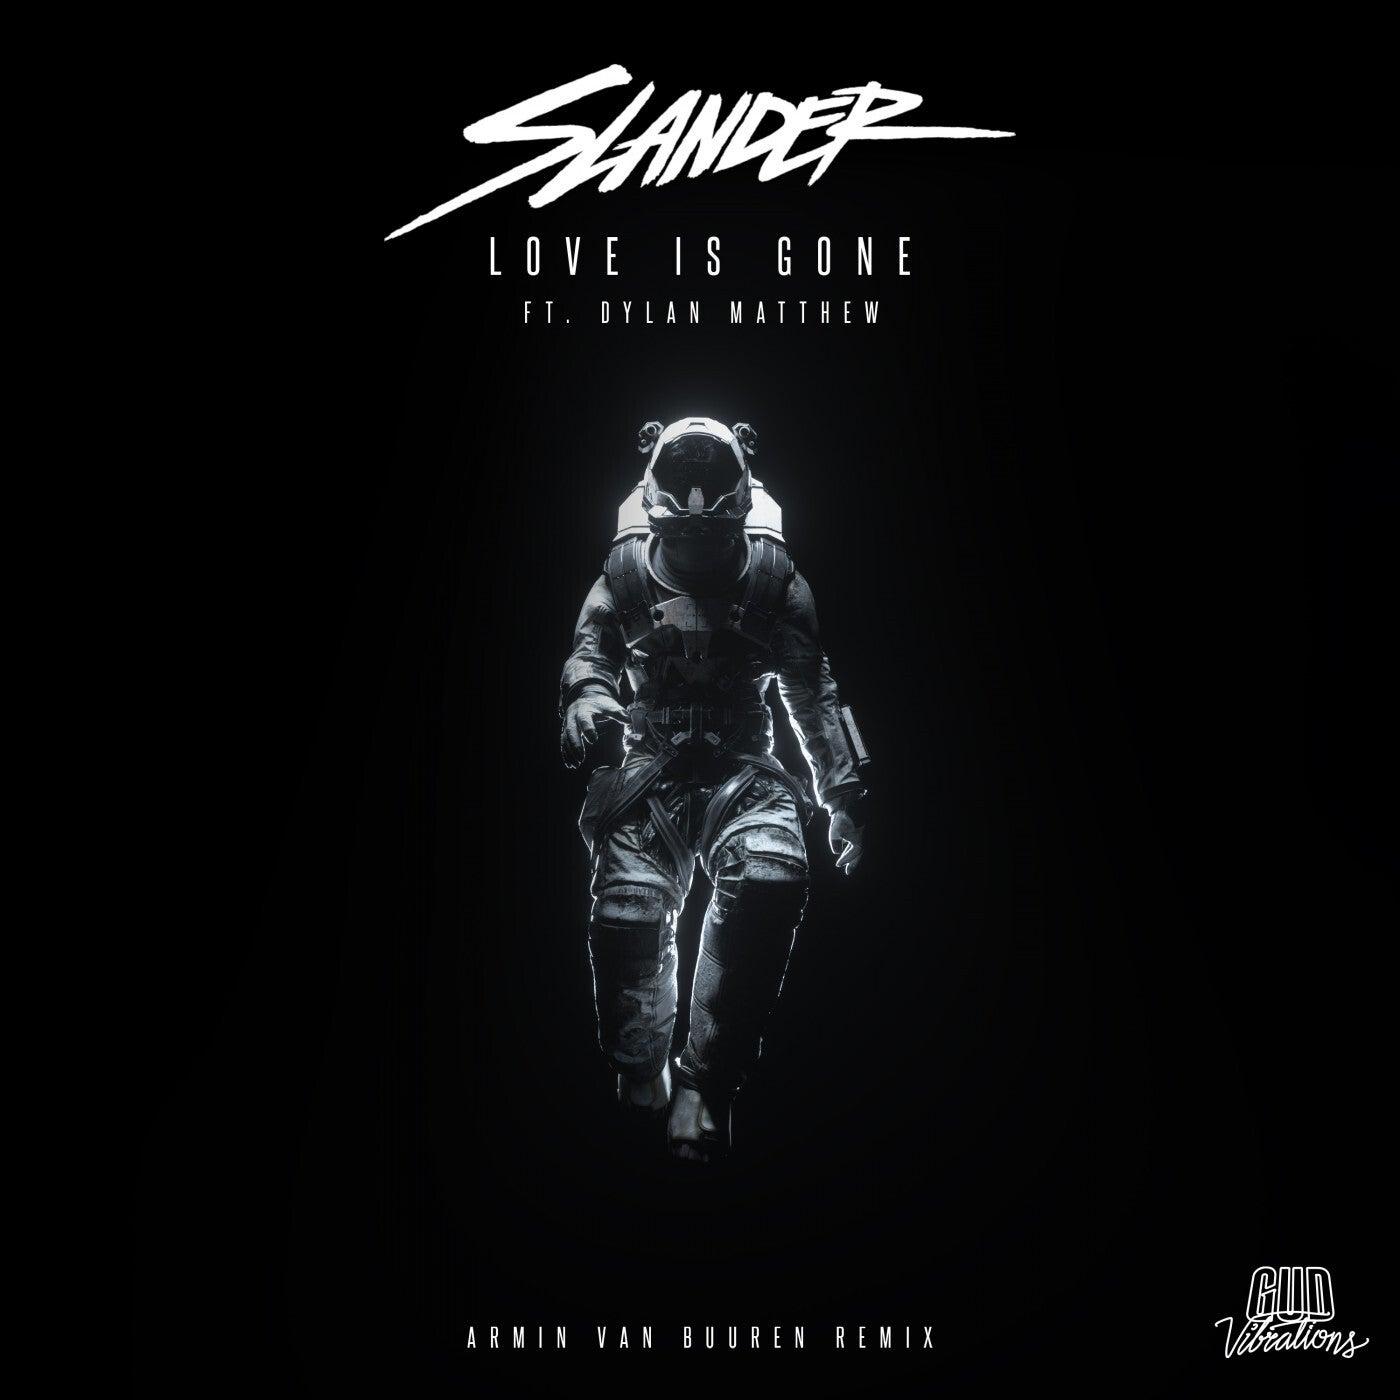 Love Is Gone ft. Dylan Matthew (Armin van Buuren Remix)